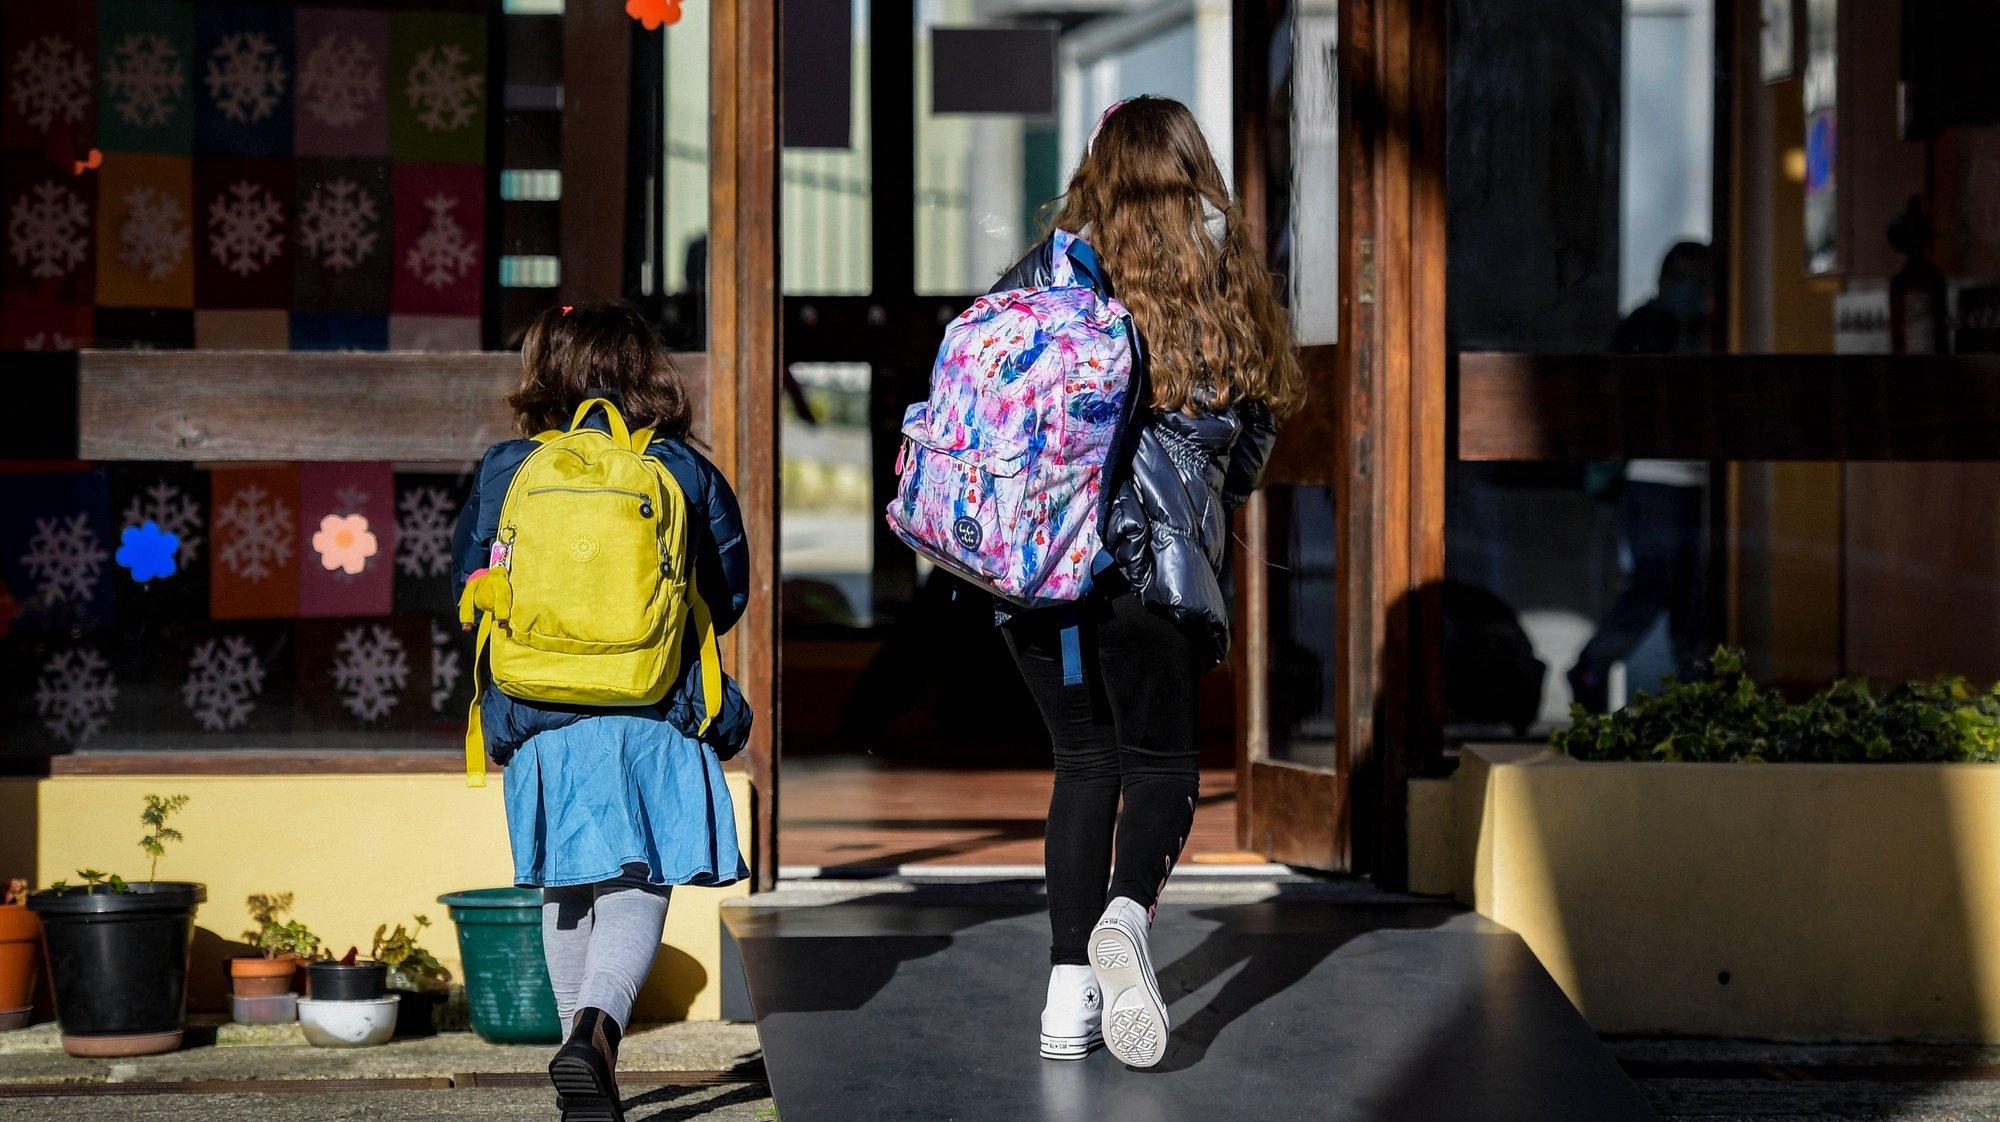 Alunos do ensino básico na Escola EB Joaquim Nicolau de Almeida, regressam às aulas, após período de confinamento obrigatório devido à pandemia Covid-19, Vila Nova de Gaia, 15 de março de 2021.  FERNANDO VELUDO/LUSA